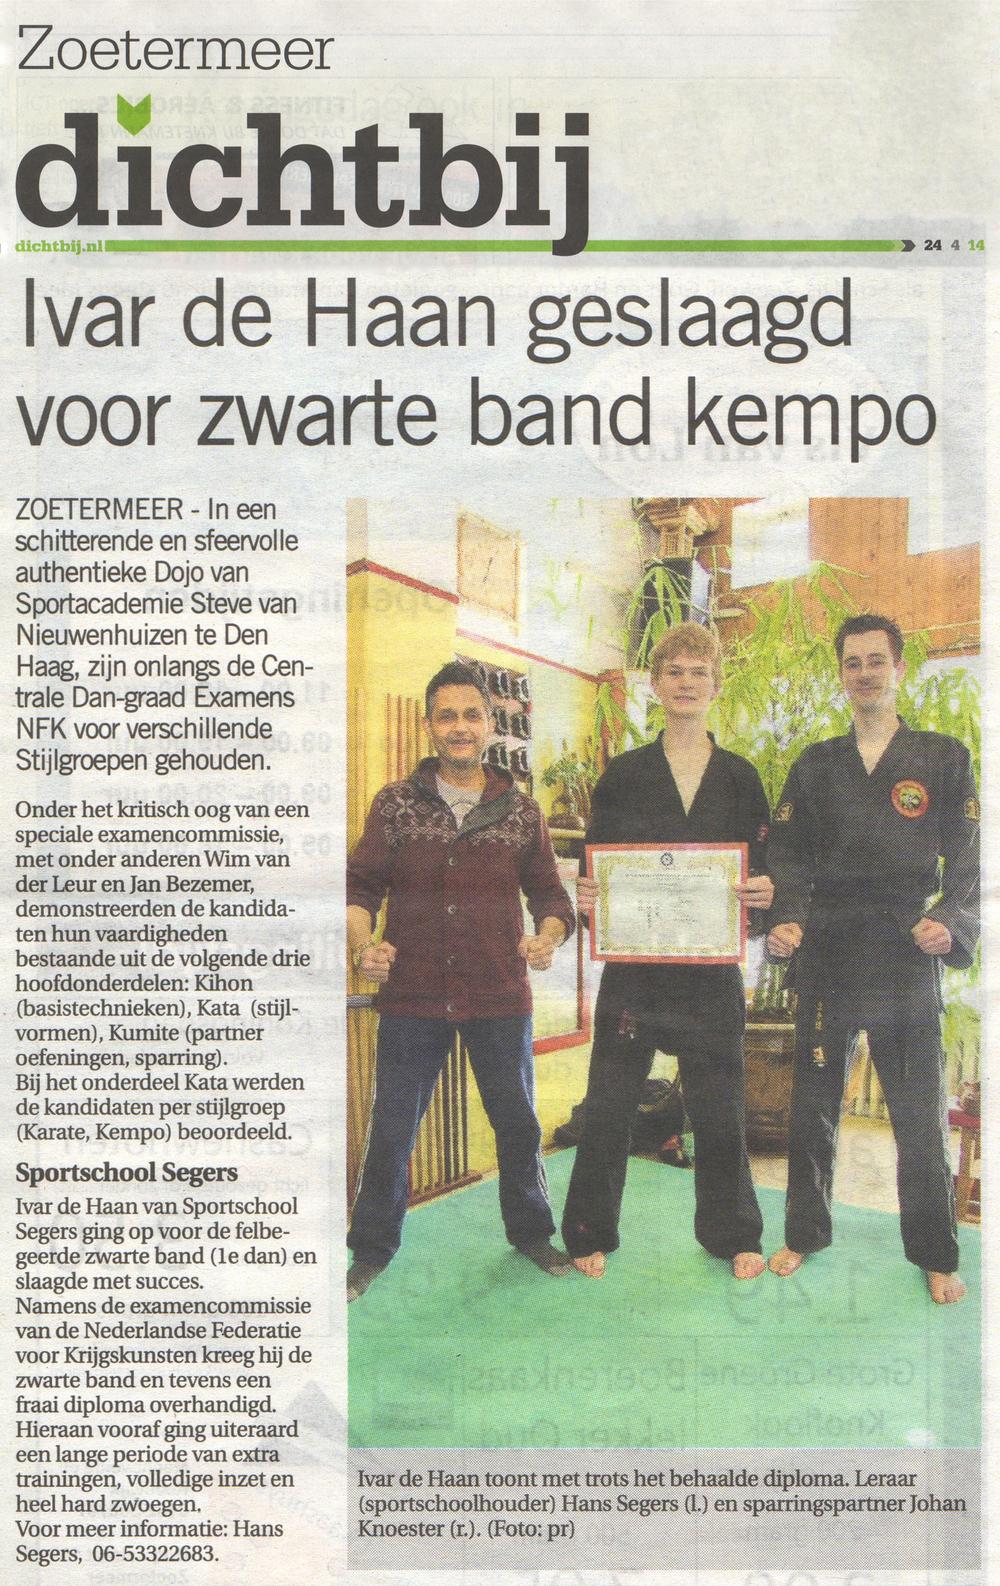 2014-04-24 Dichtbij Ivar de Haan Geslaagd voor Zwarte Band Kempo.jpg